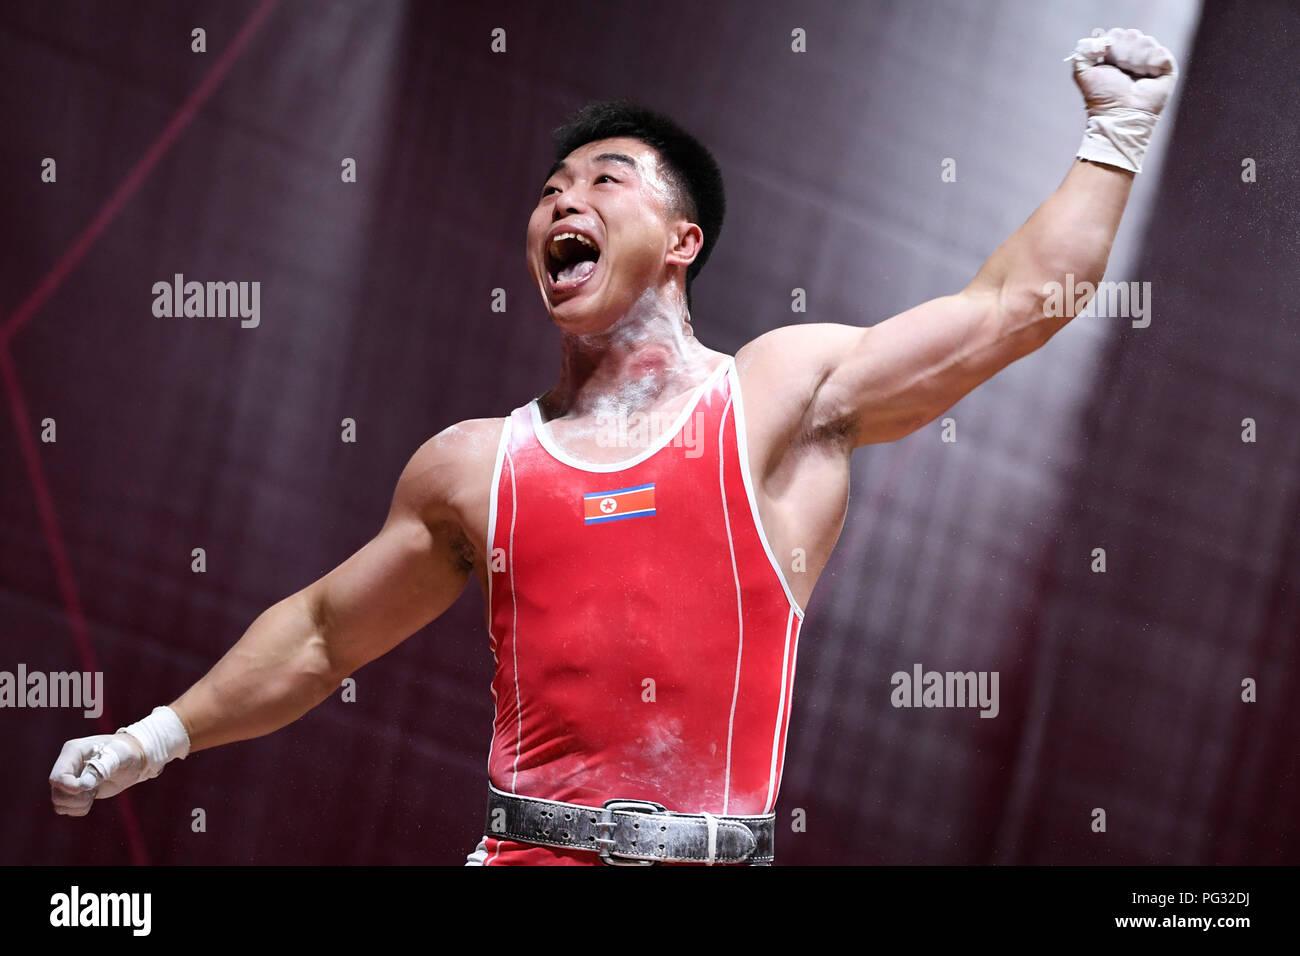 Jakarta, Indonésie. Août 23, 2018. Choe Jon Wi de la République populaire démocratique de Corée réagit lors de l'haltérophilie Hommes 77kg lors de la 18e Jeux asiatiques à Jakarta, Indonésie, le 23 août, 2018. Credit: Cheong Kam Ka/Xinhua/Alamy Live News Photo Stock